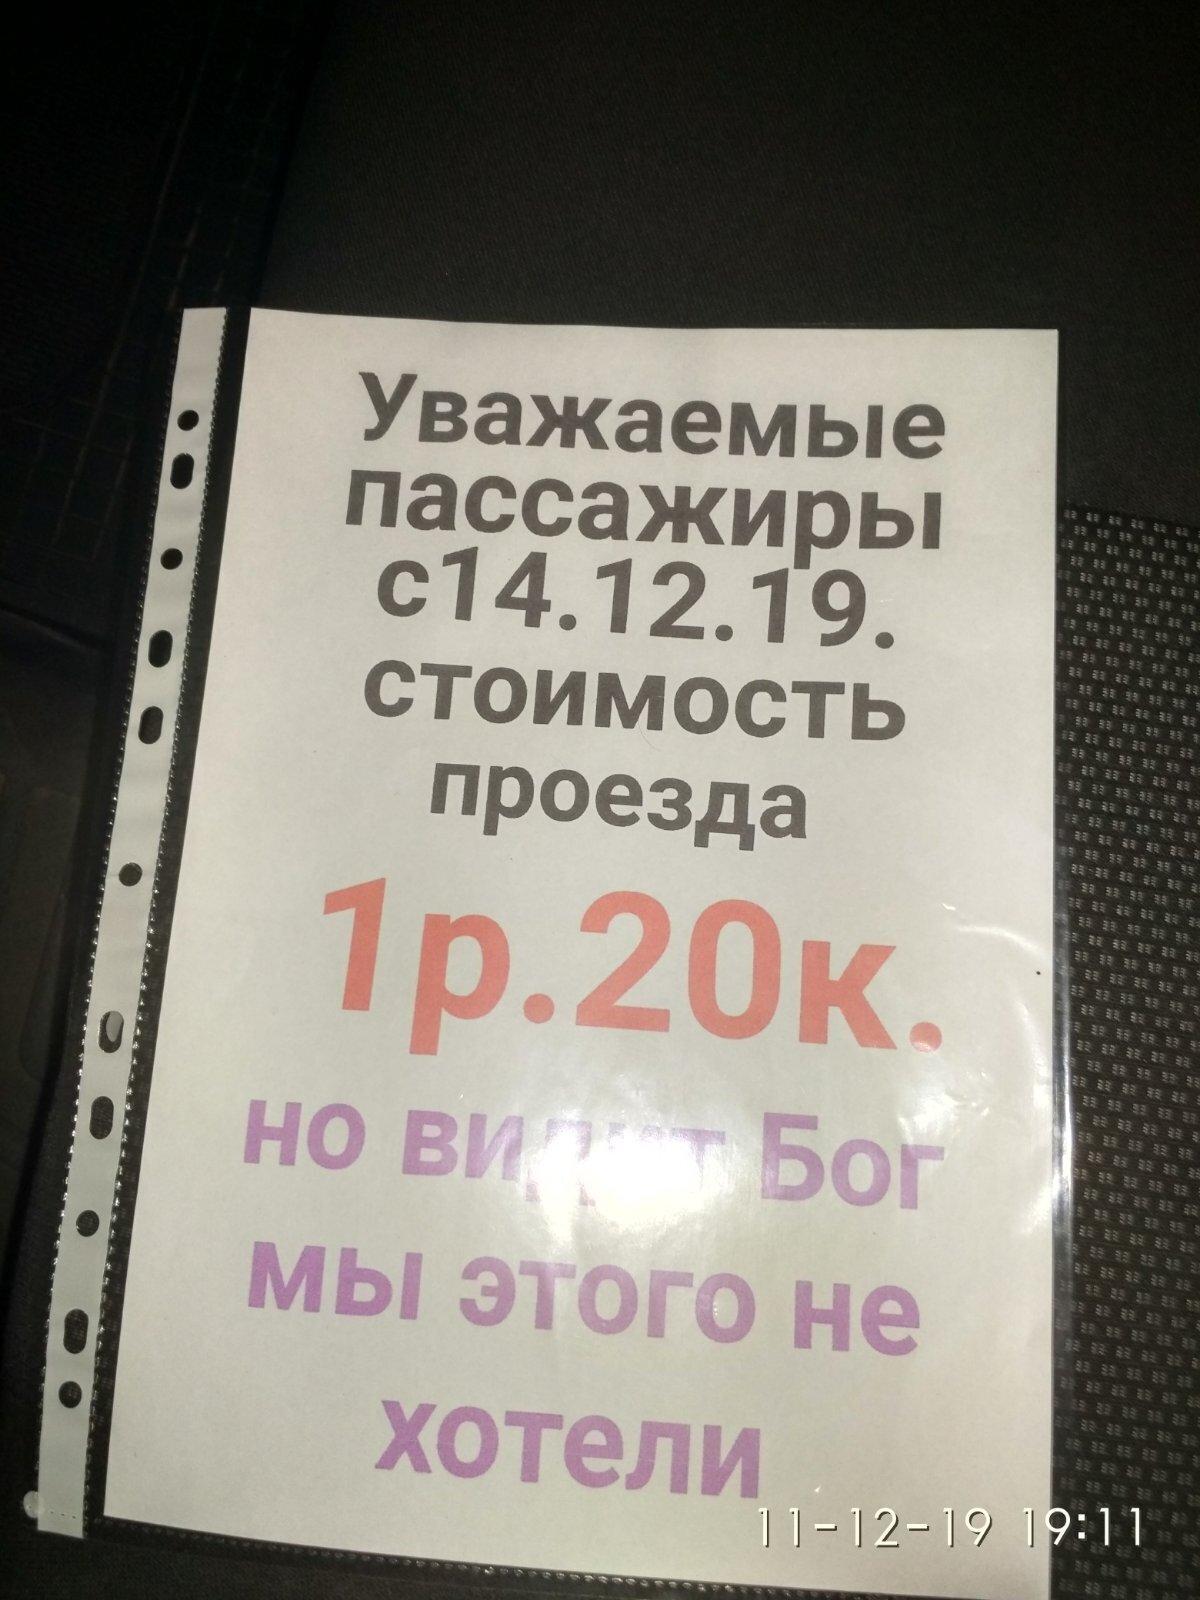 С 14 декабря 2019 года в Бресте дорожает проезд в маршрутном такси